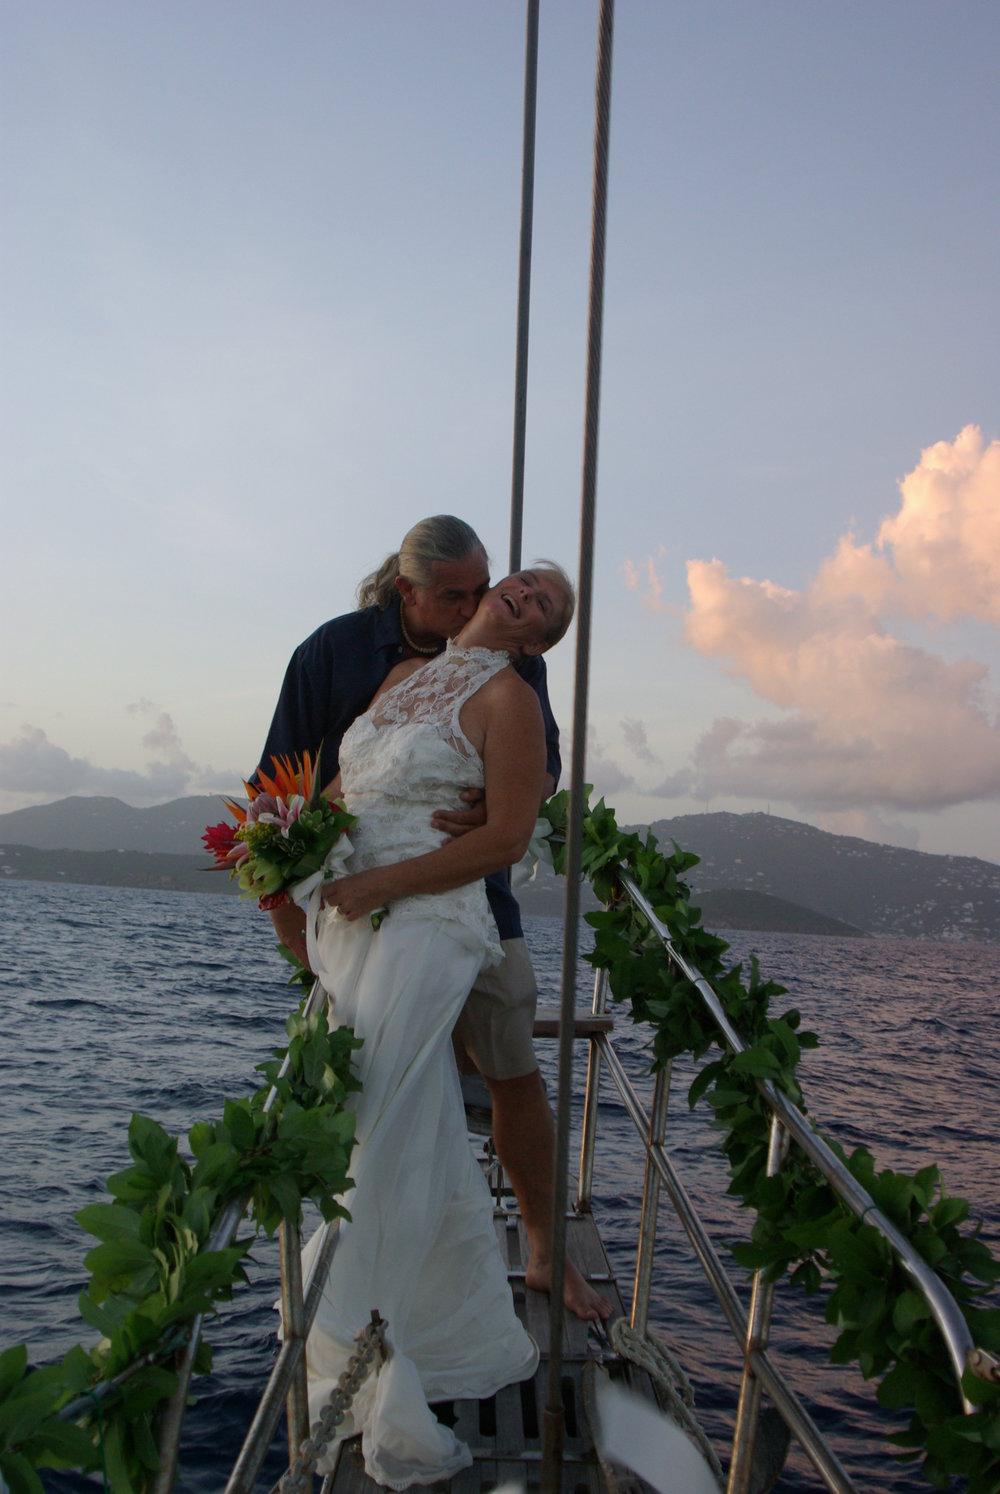 Craig Niesen Wedding Portfolio - Sussan and Chirs USVI-03.JPG